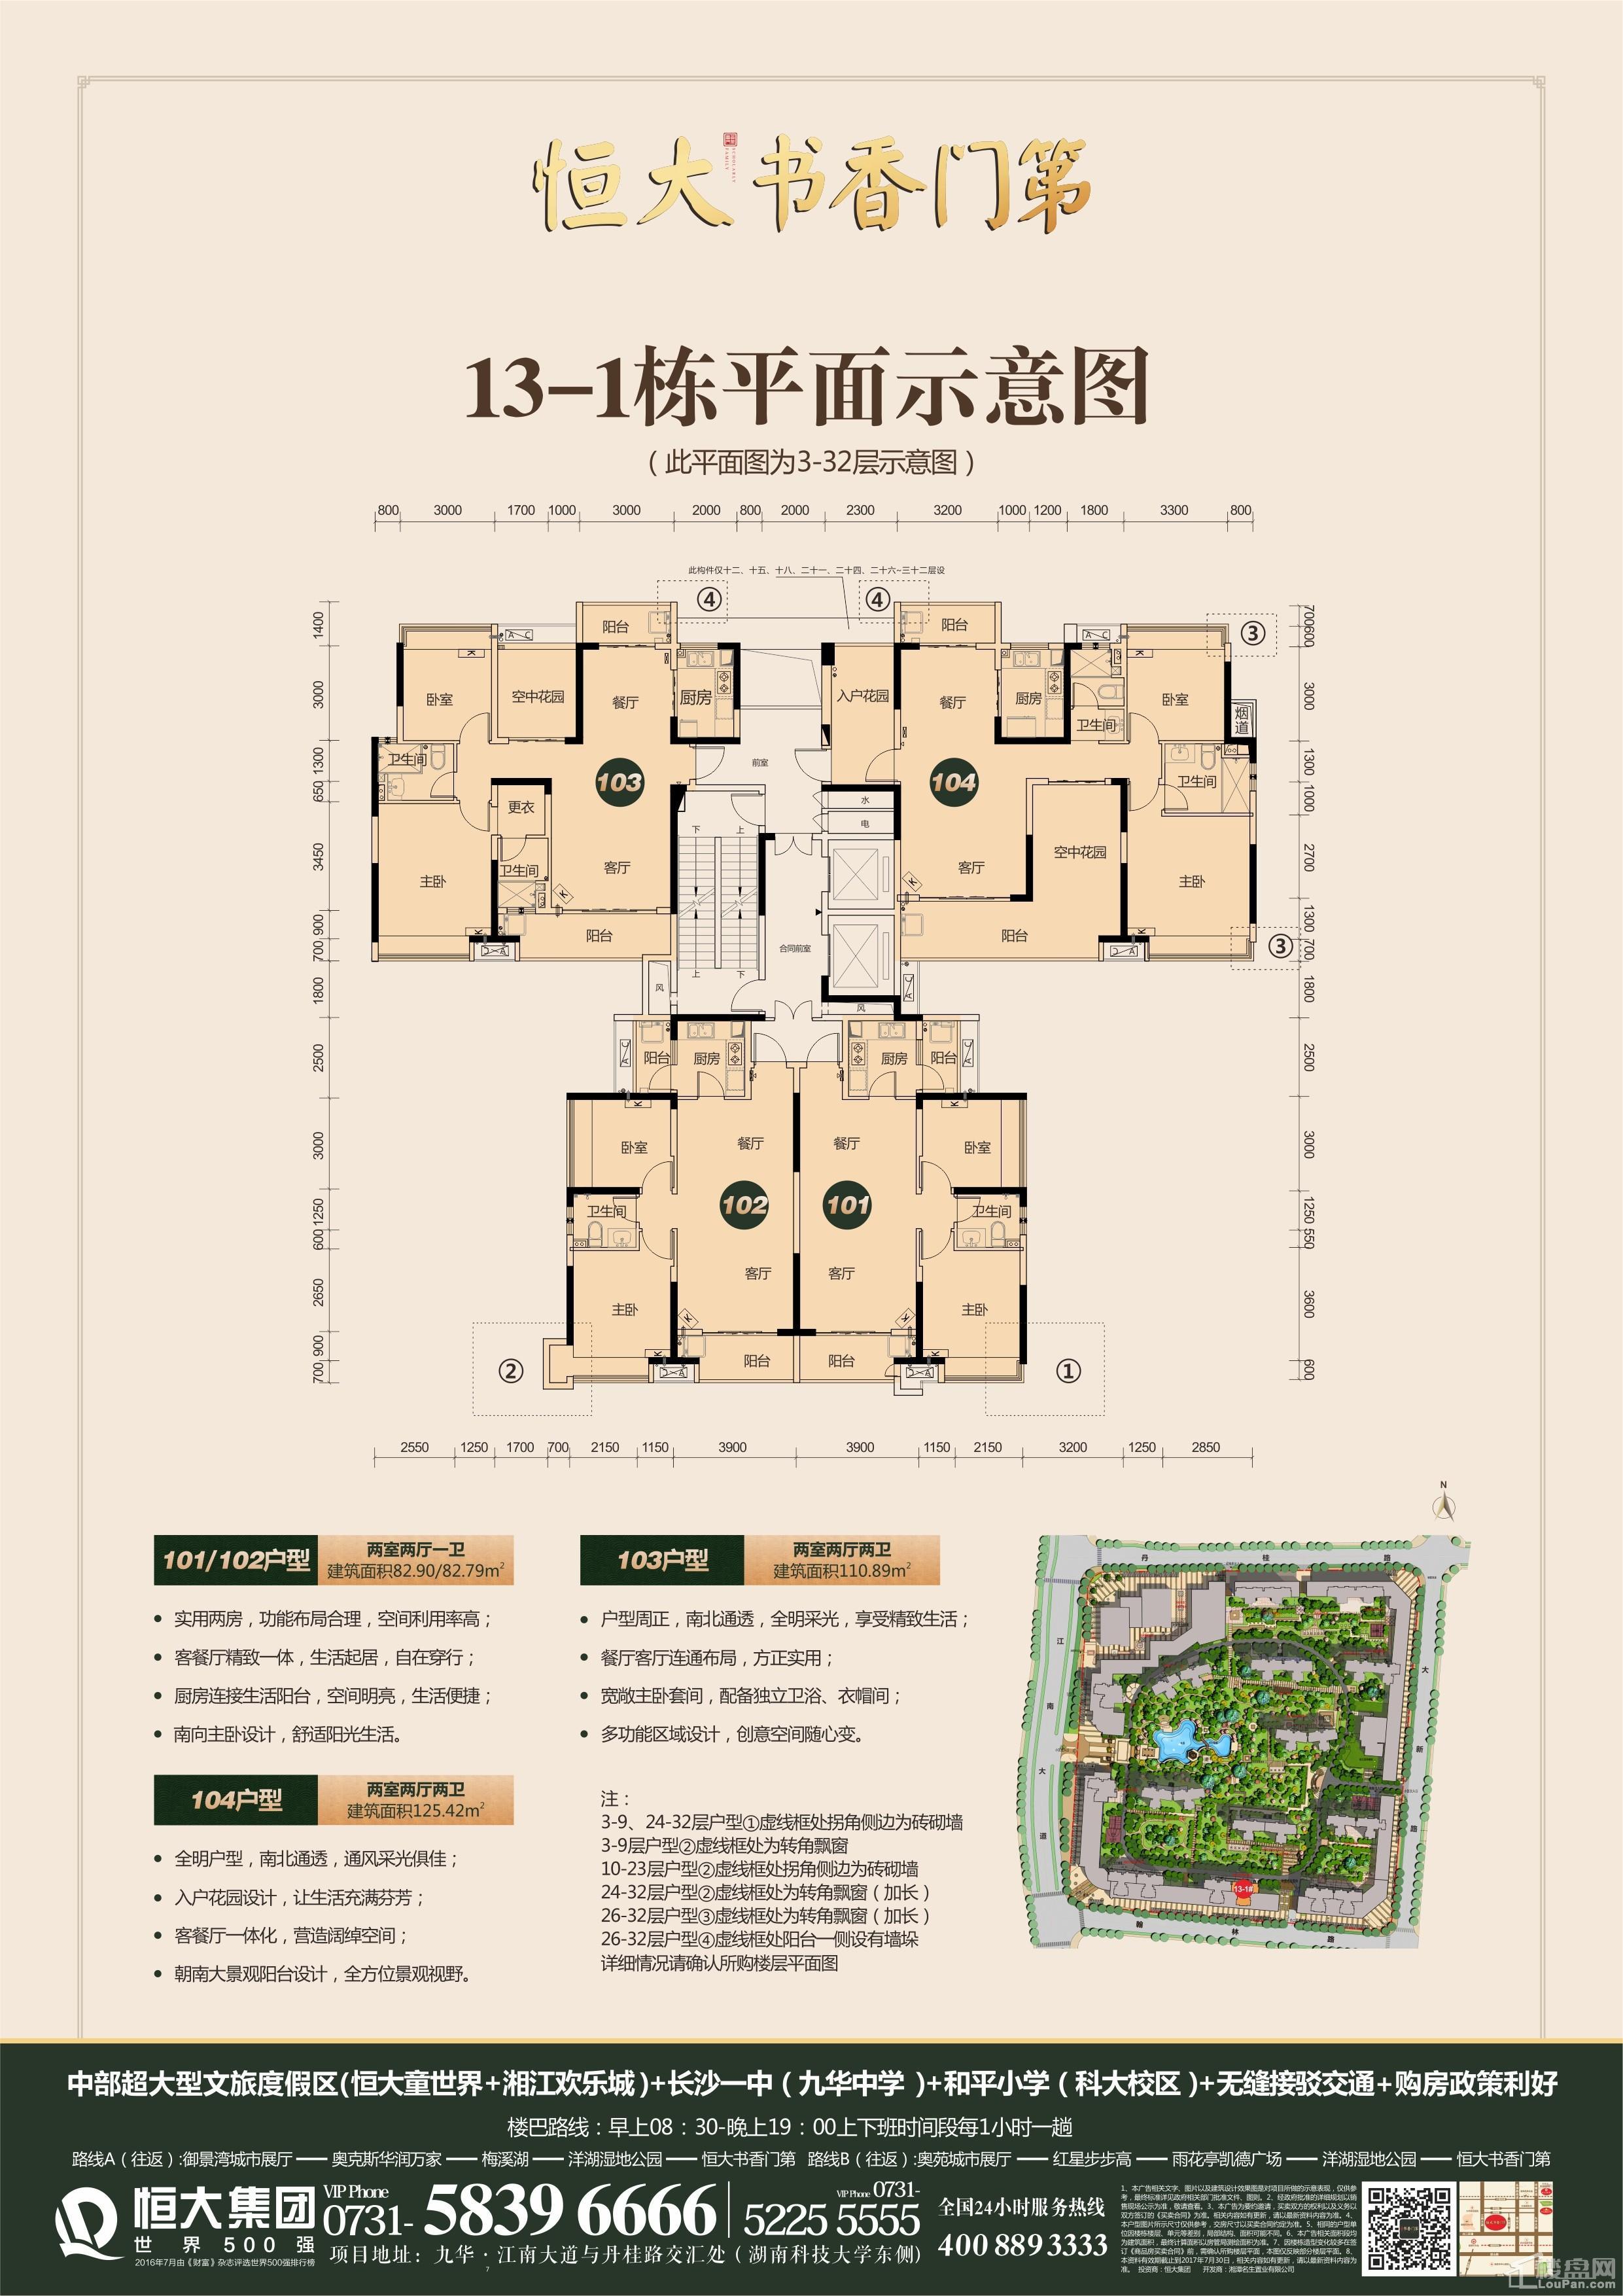 湘潭恒大书香门第13号栋户型图